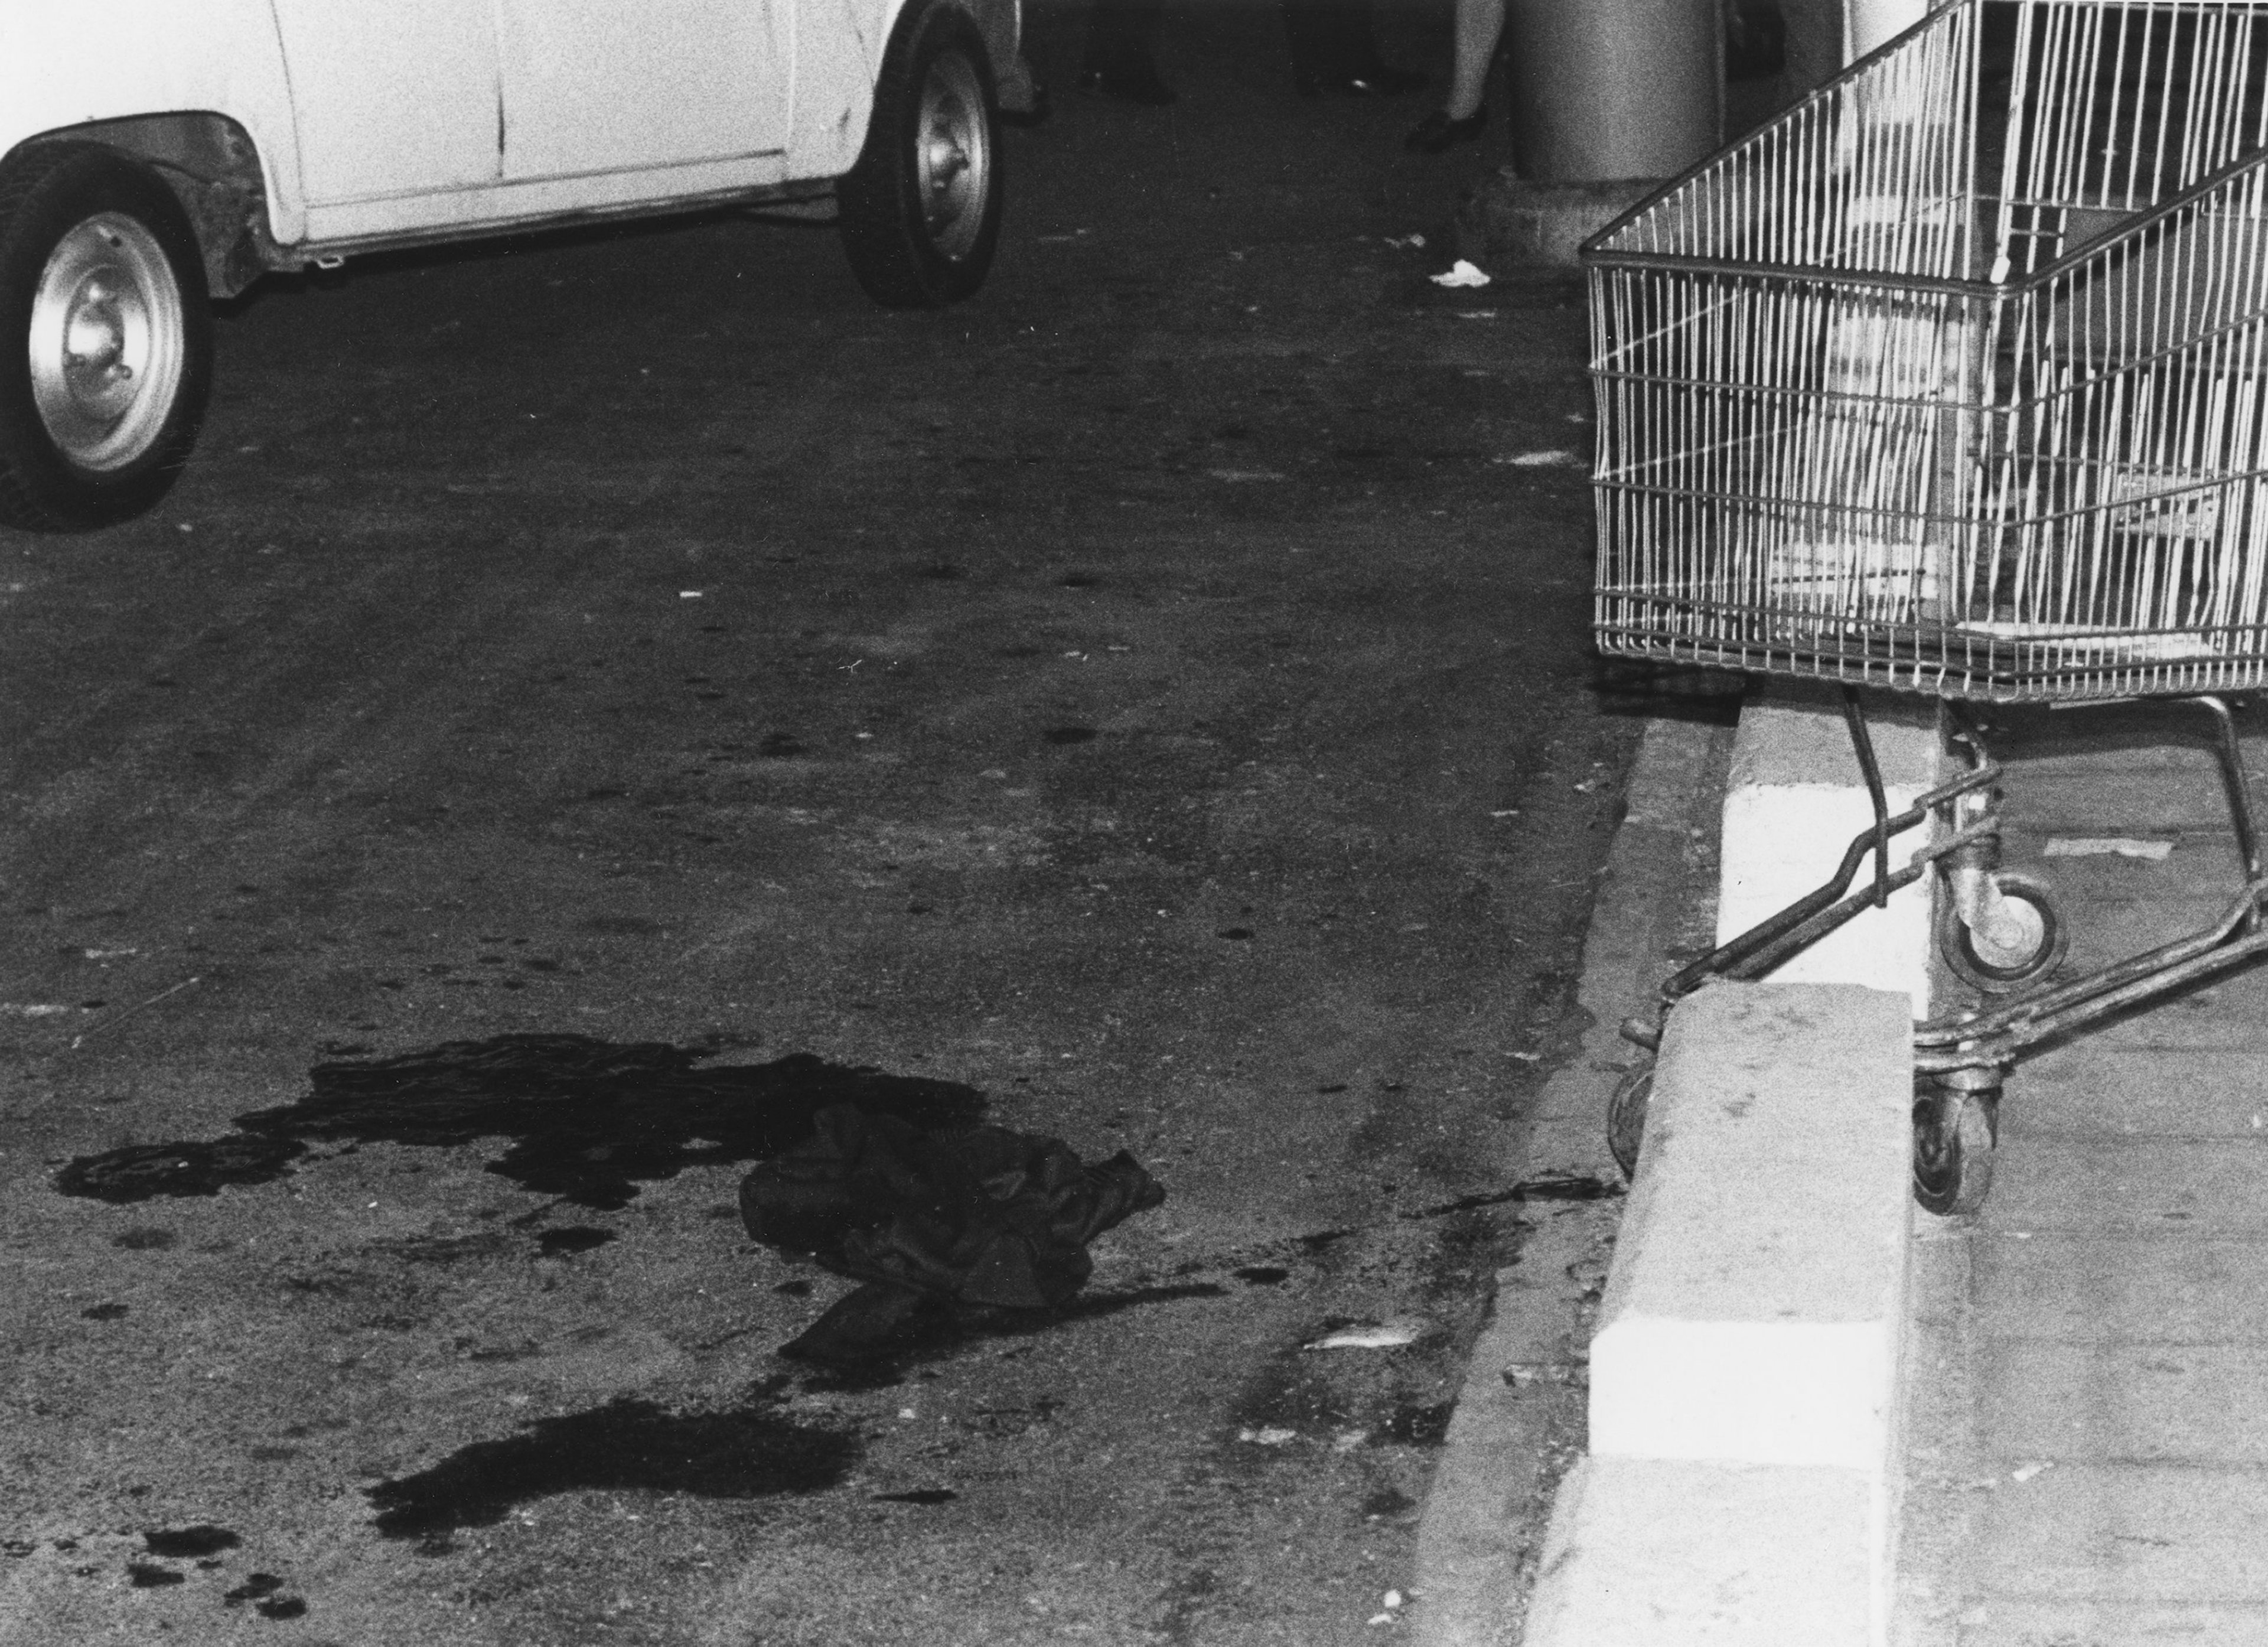 Slachtoffer van Bende van Nijvel heeft één dader herkend in rijkswachtkazerne